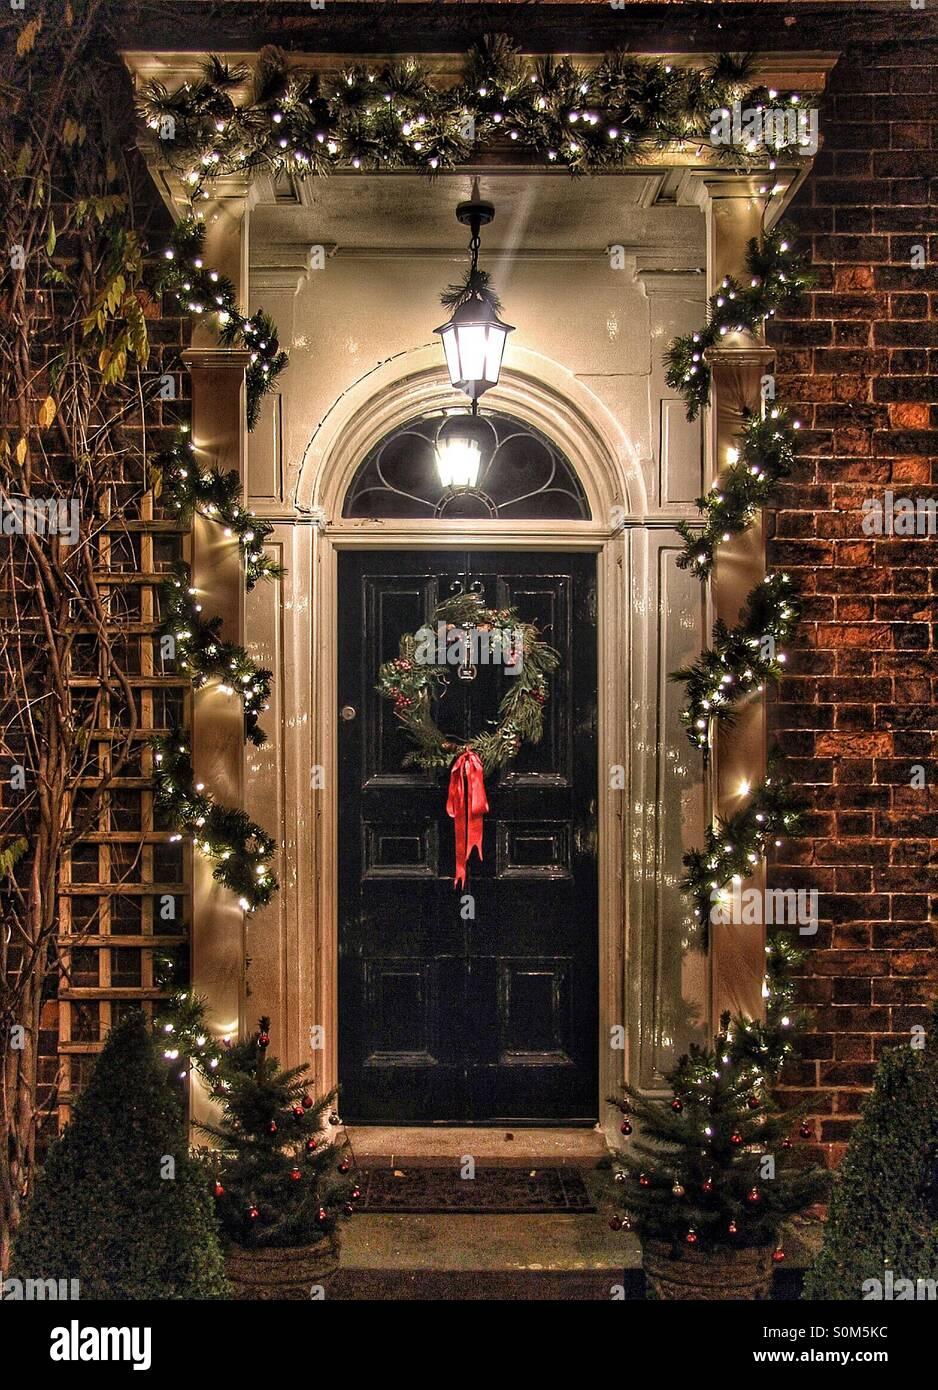 Una tradicional portal decorado para la Navidad con una corona de flores y luces. Imagen De Stock